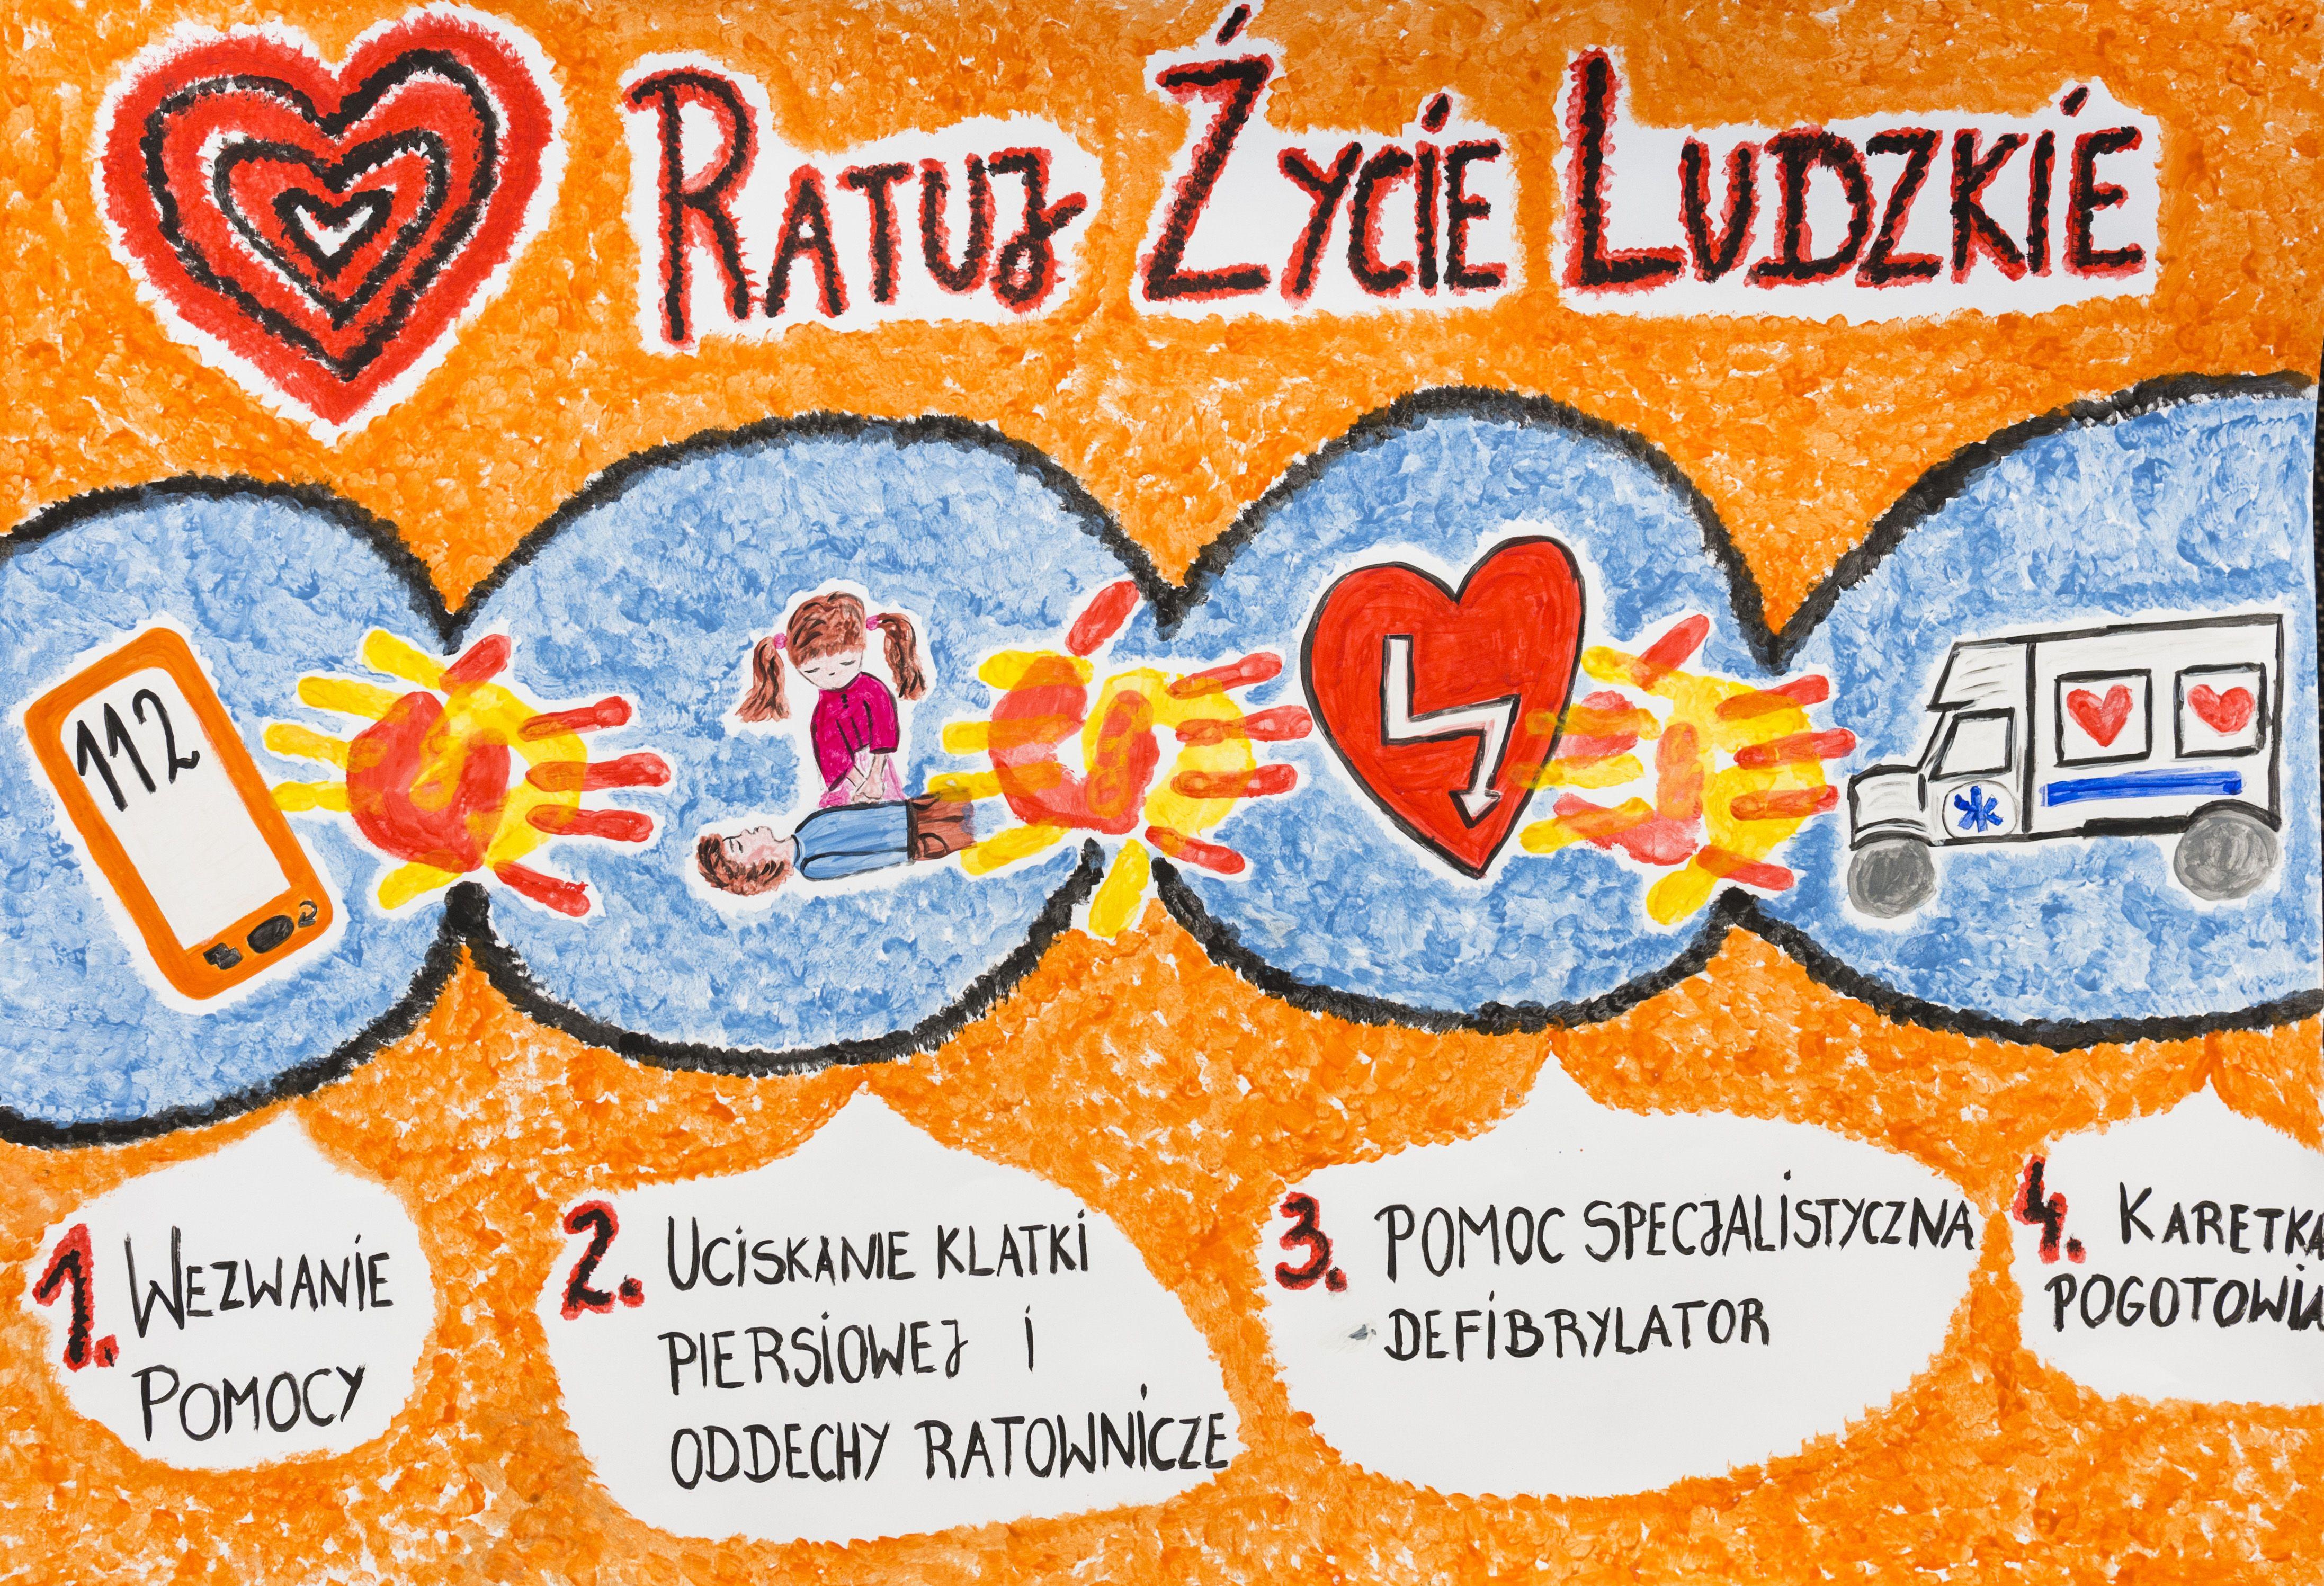 Pierwsza Pomoc First Aid Edukacja Education Children Szkola School Poster